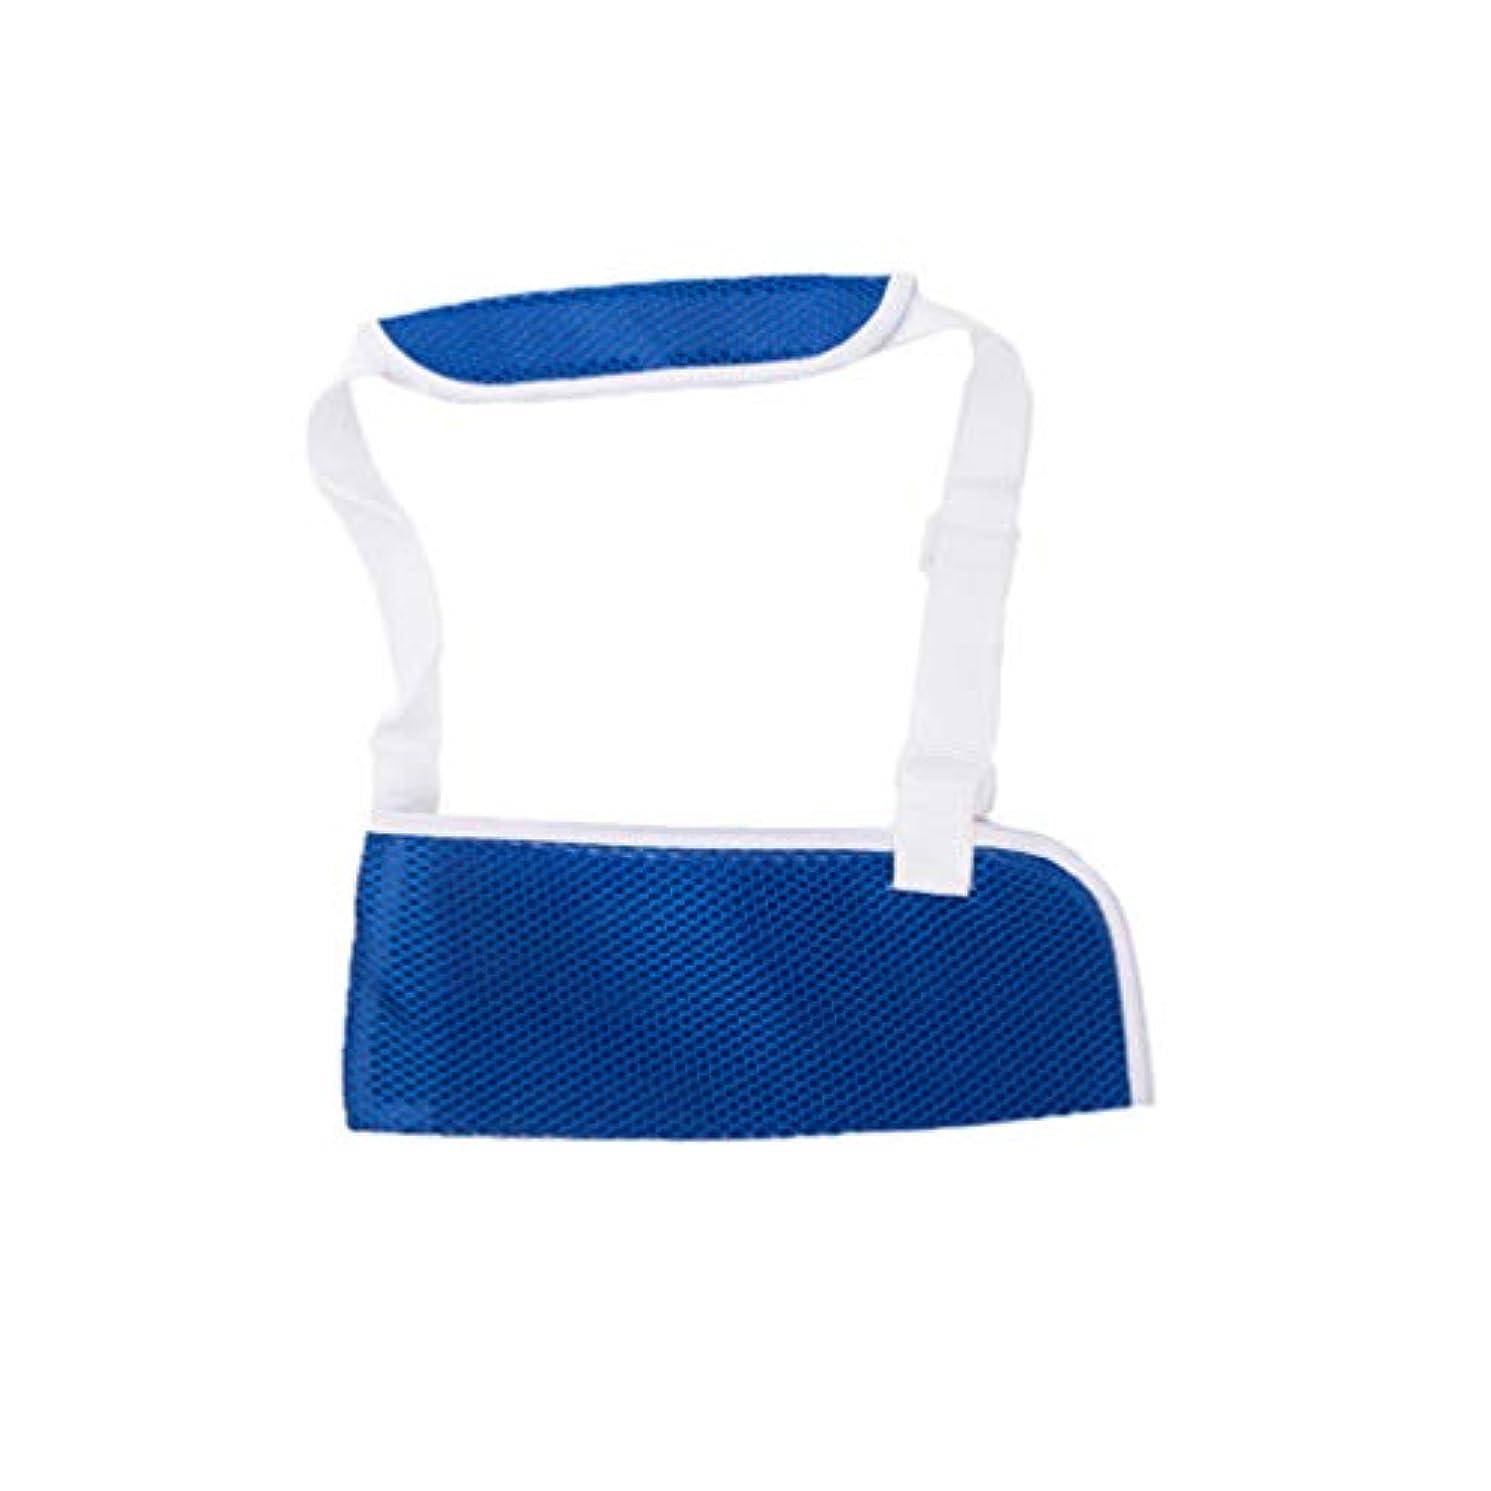 ディンカルビル規定グリースHeallily アームスリング1個調節可能なアームスリング肩サポートスプリットストラップ付き通気性のある手首の肘サポート子供の脱臼、骨折、捻rain、骨折した腕(サイズs)